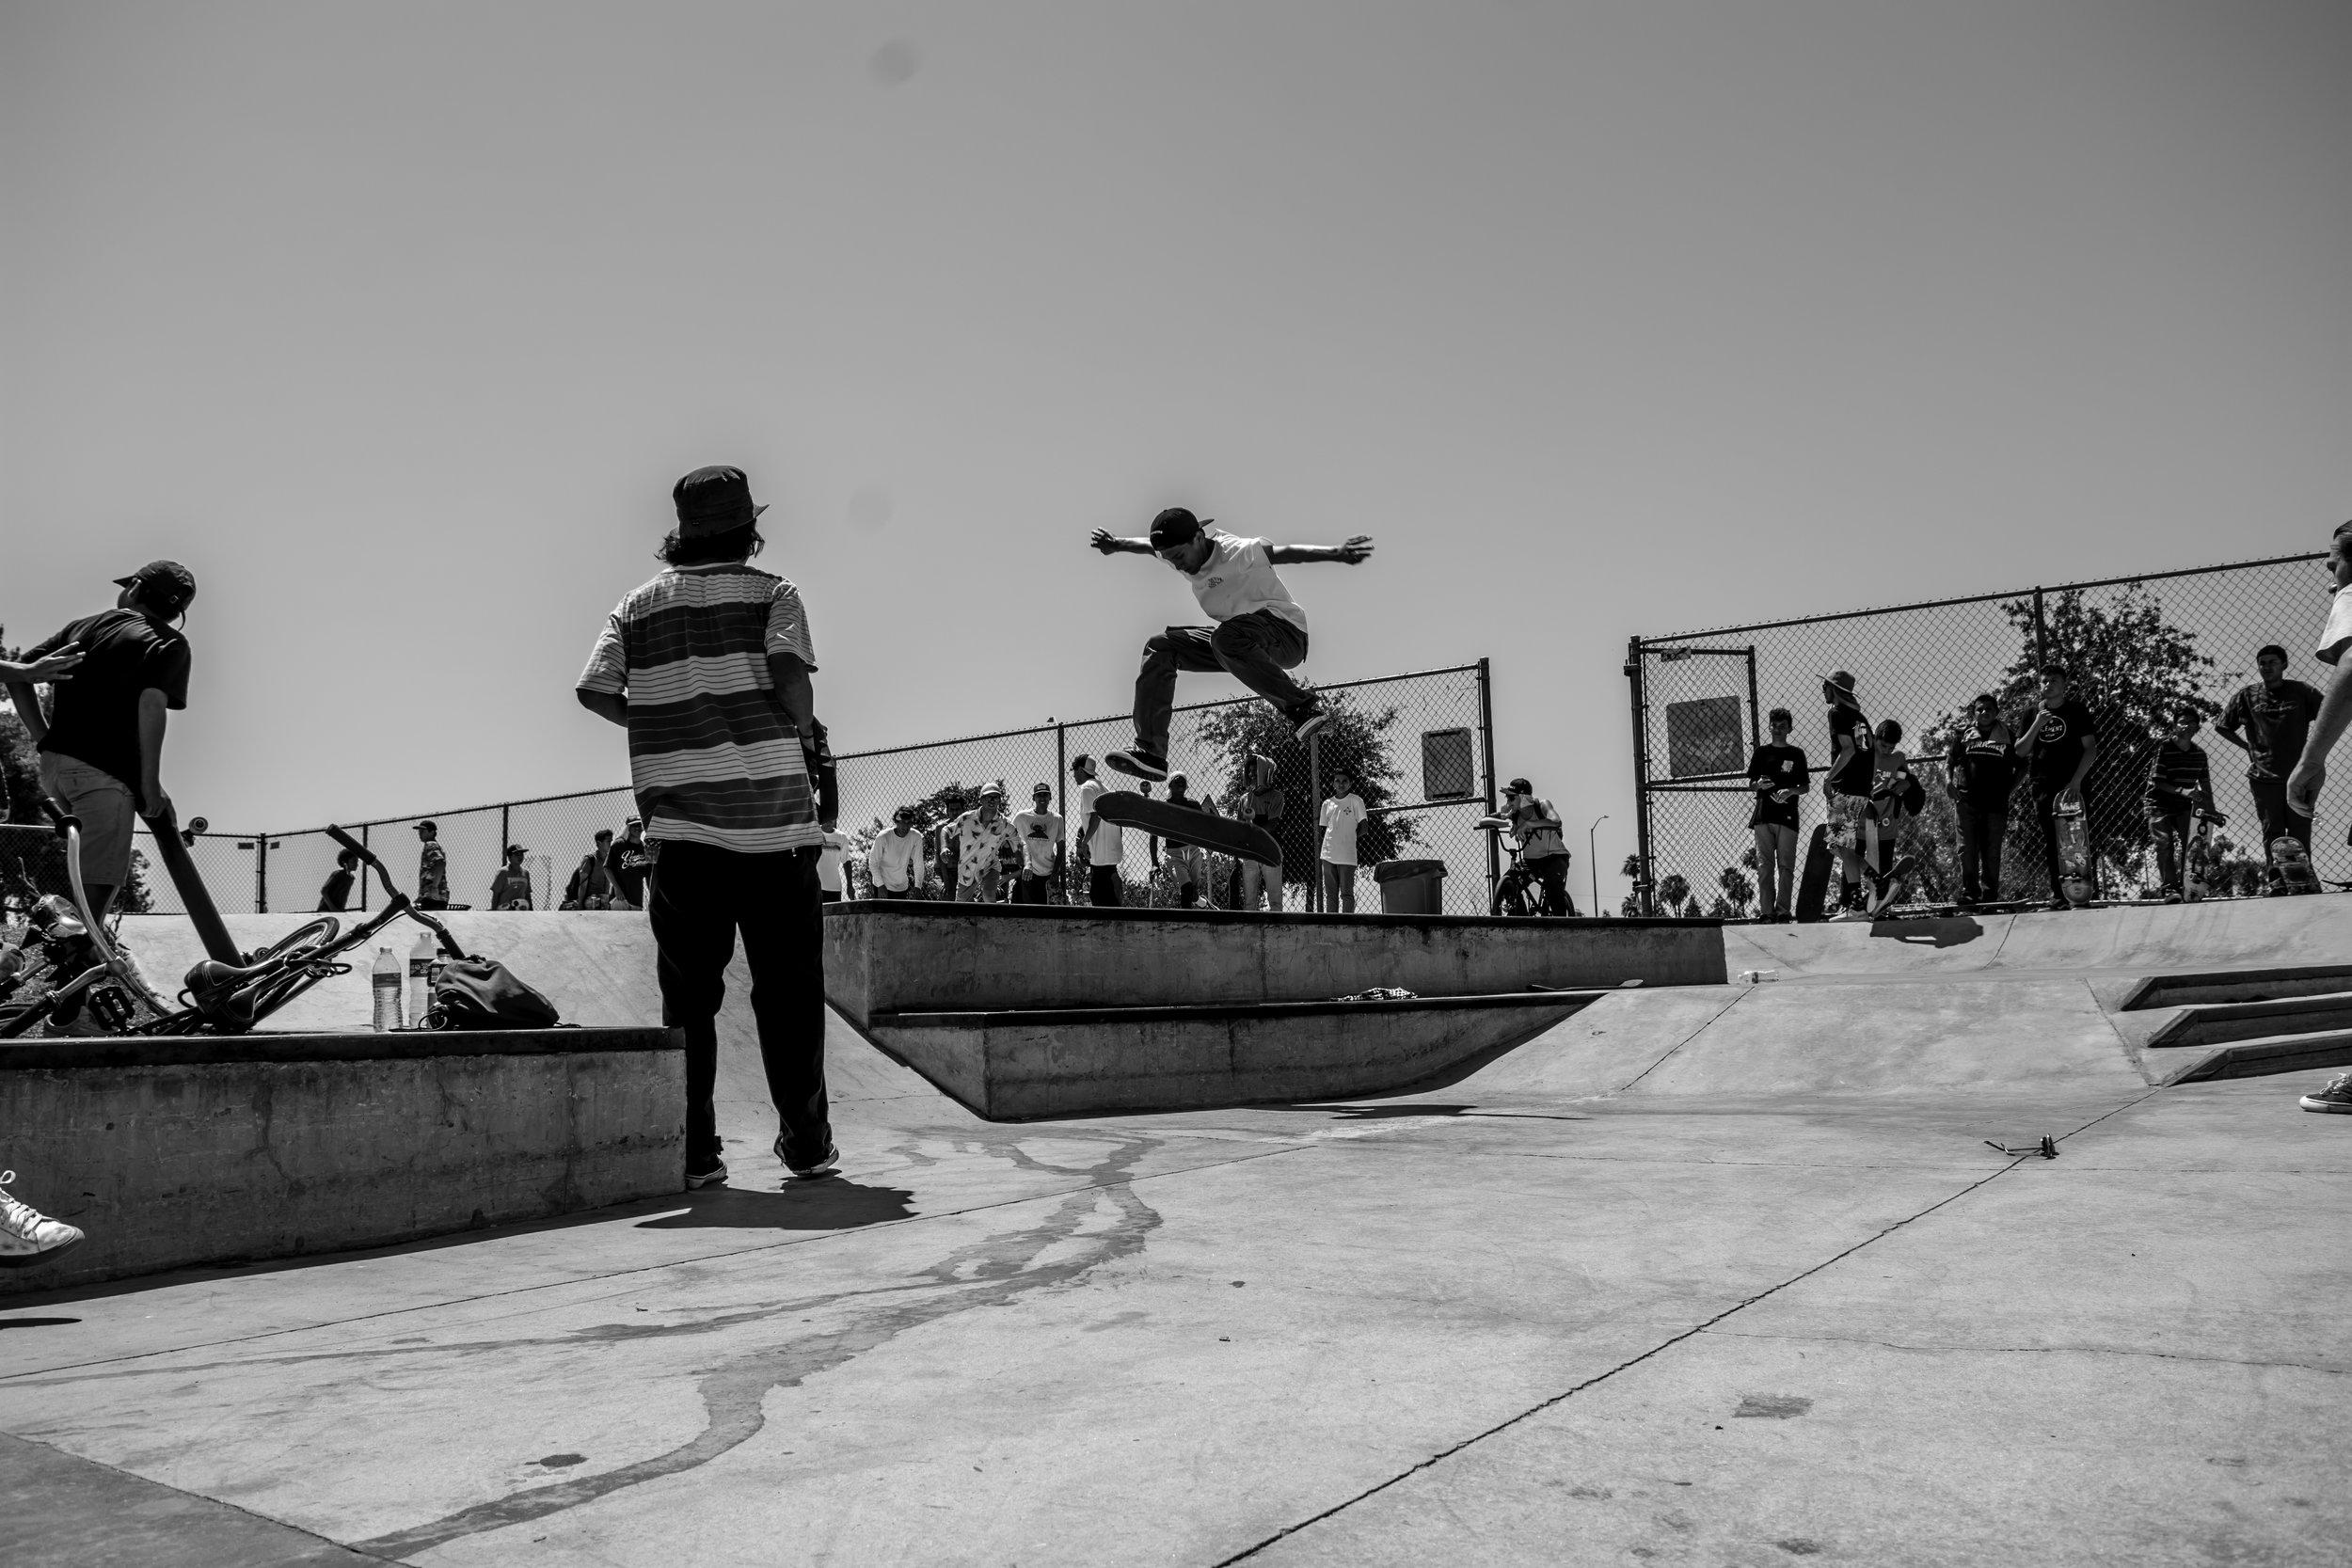 Go Skate Day4 (1 of 1).jpg